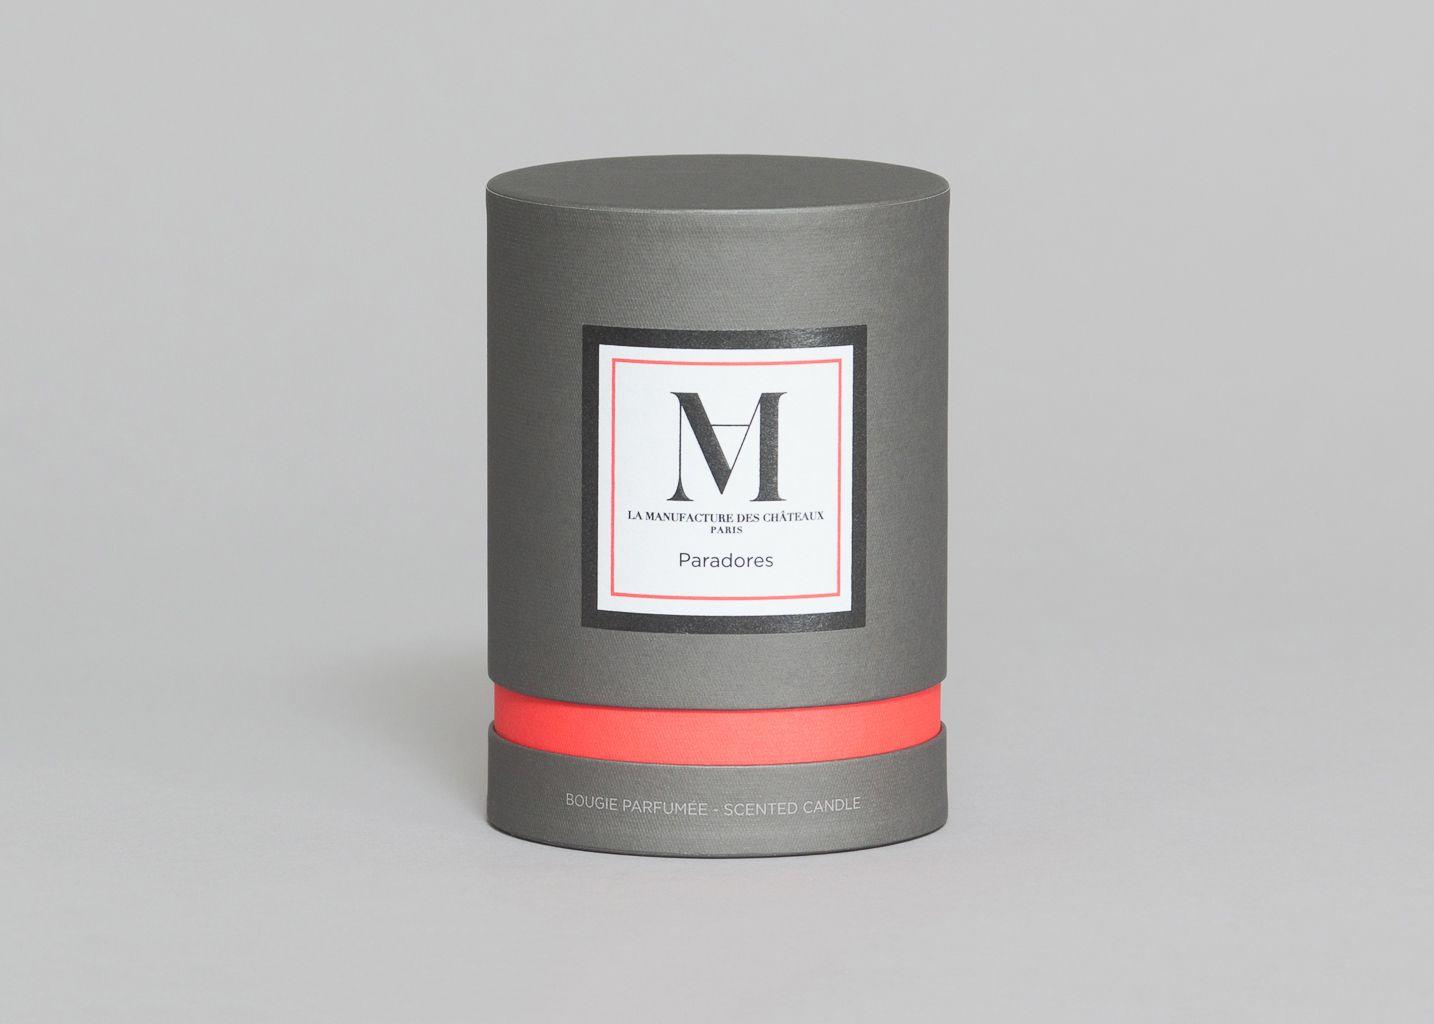 Bougie Paradores - La Manufacture Parfums